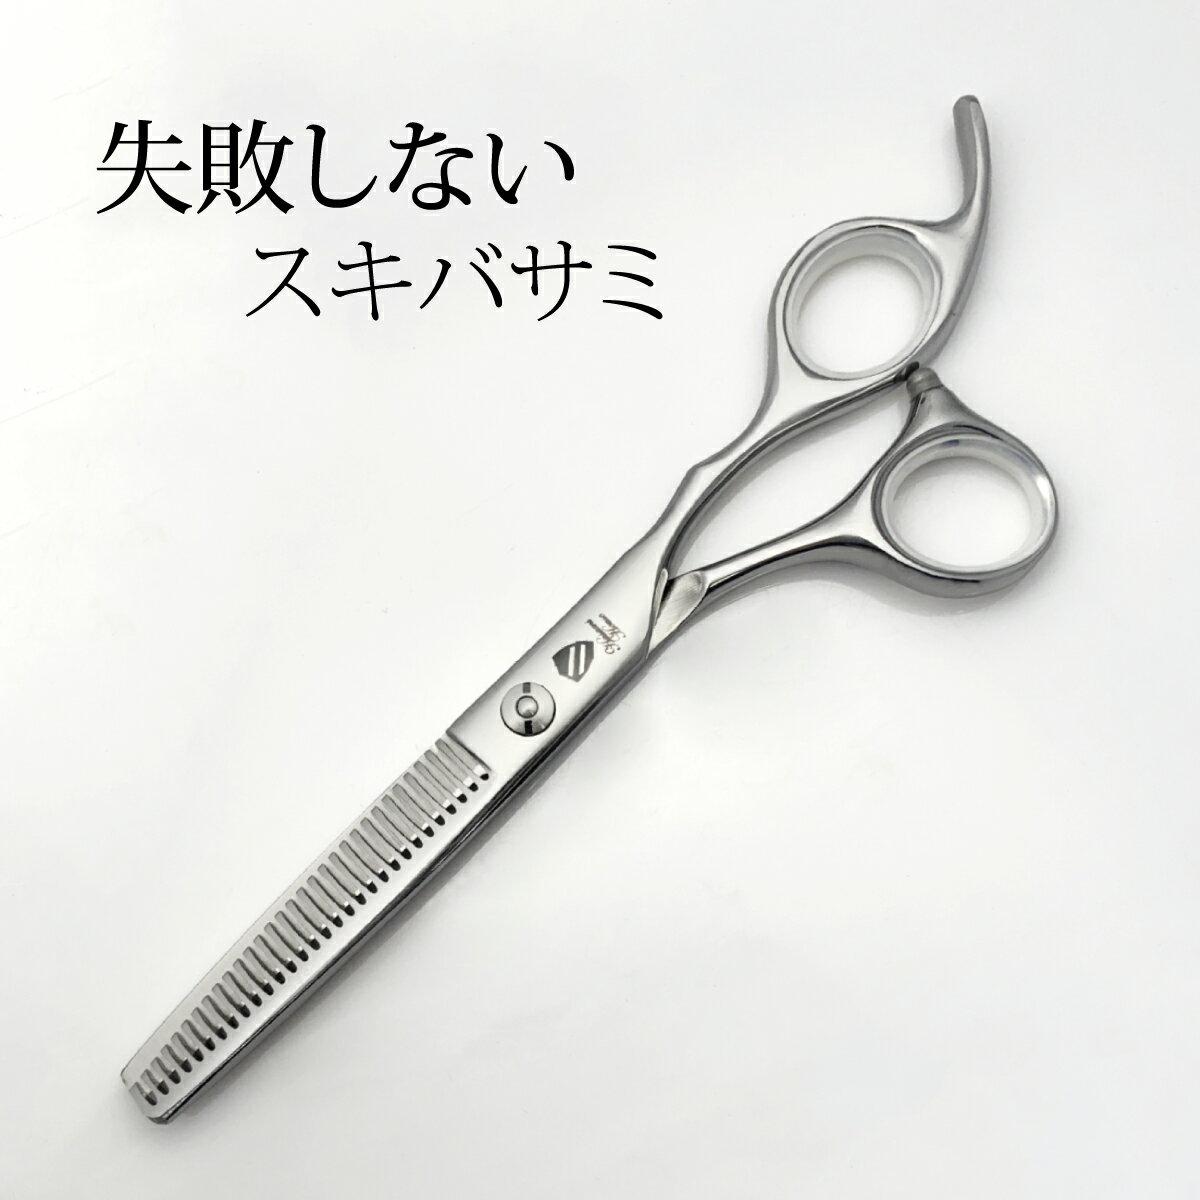 【4,980円均一】Sanjo315ip 立体 セニング 美容 スキバサミ【処分一掃セール】